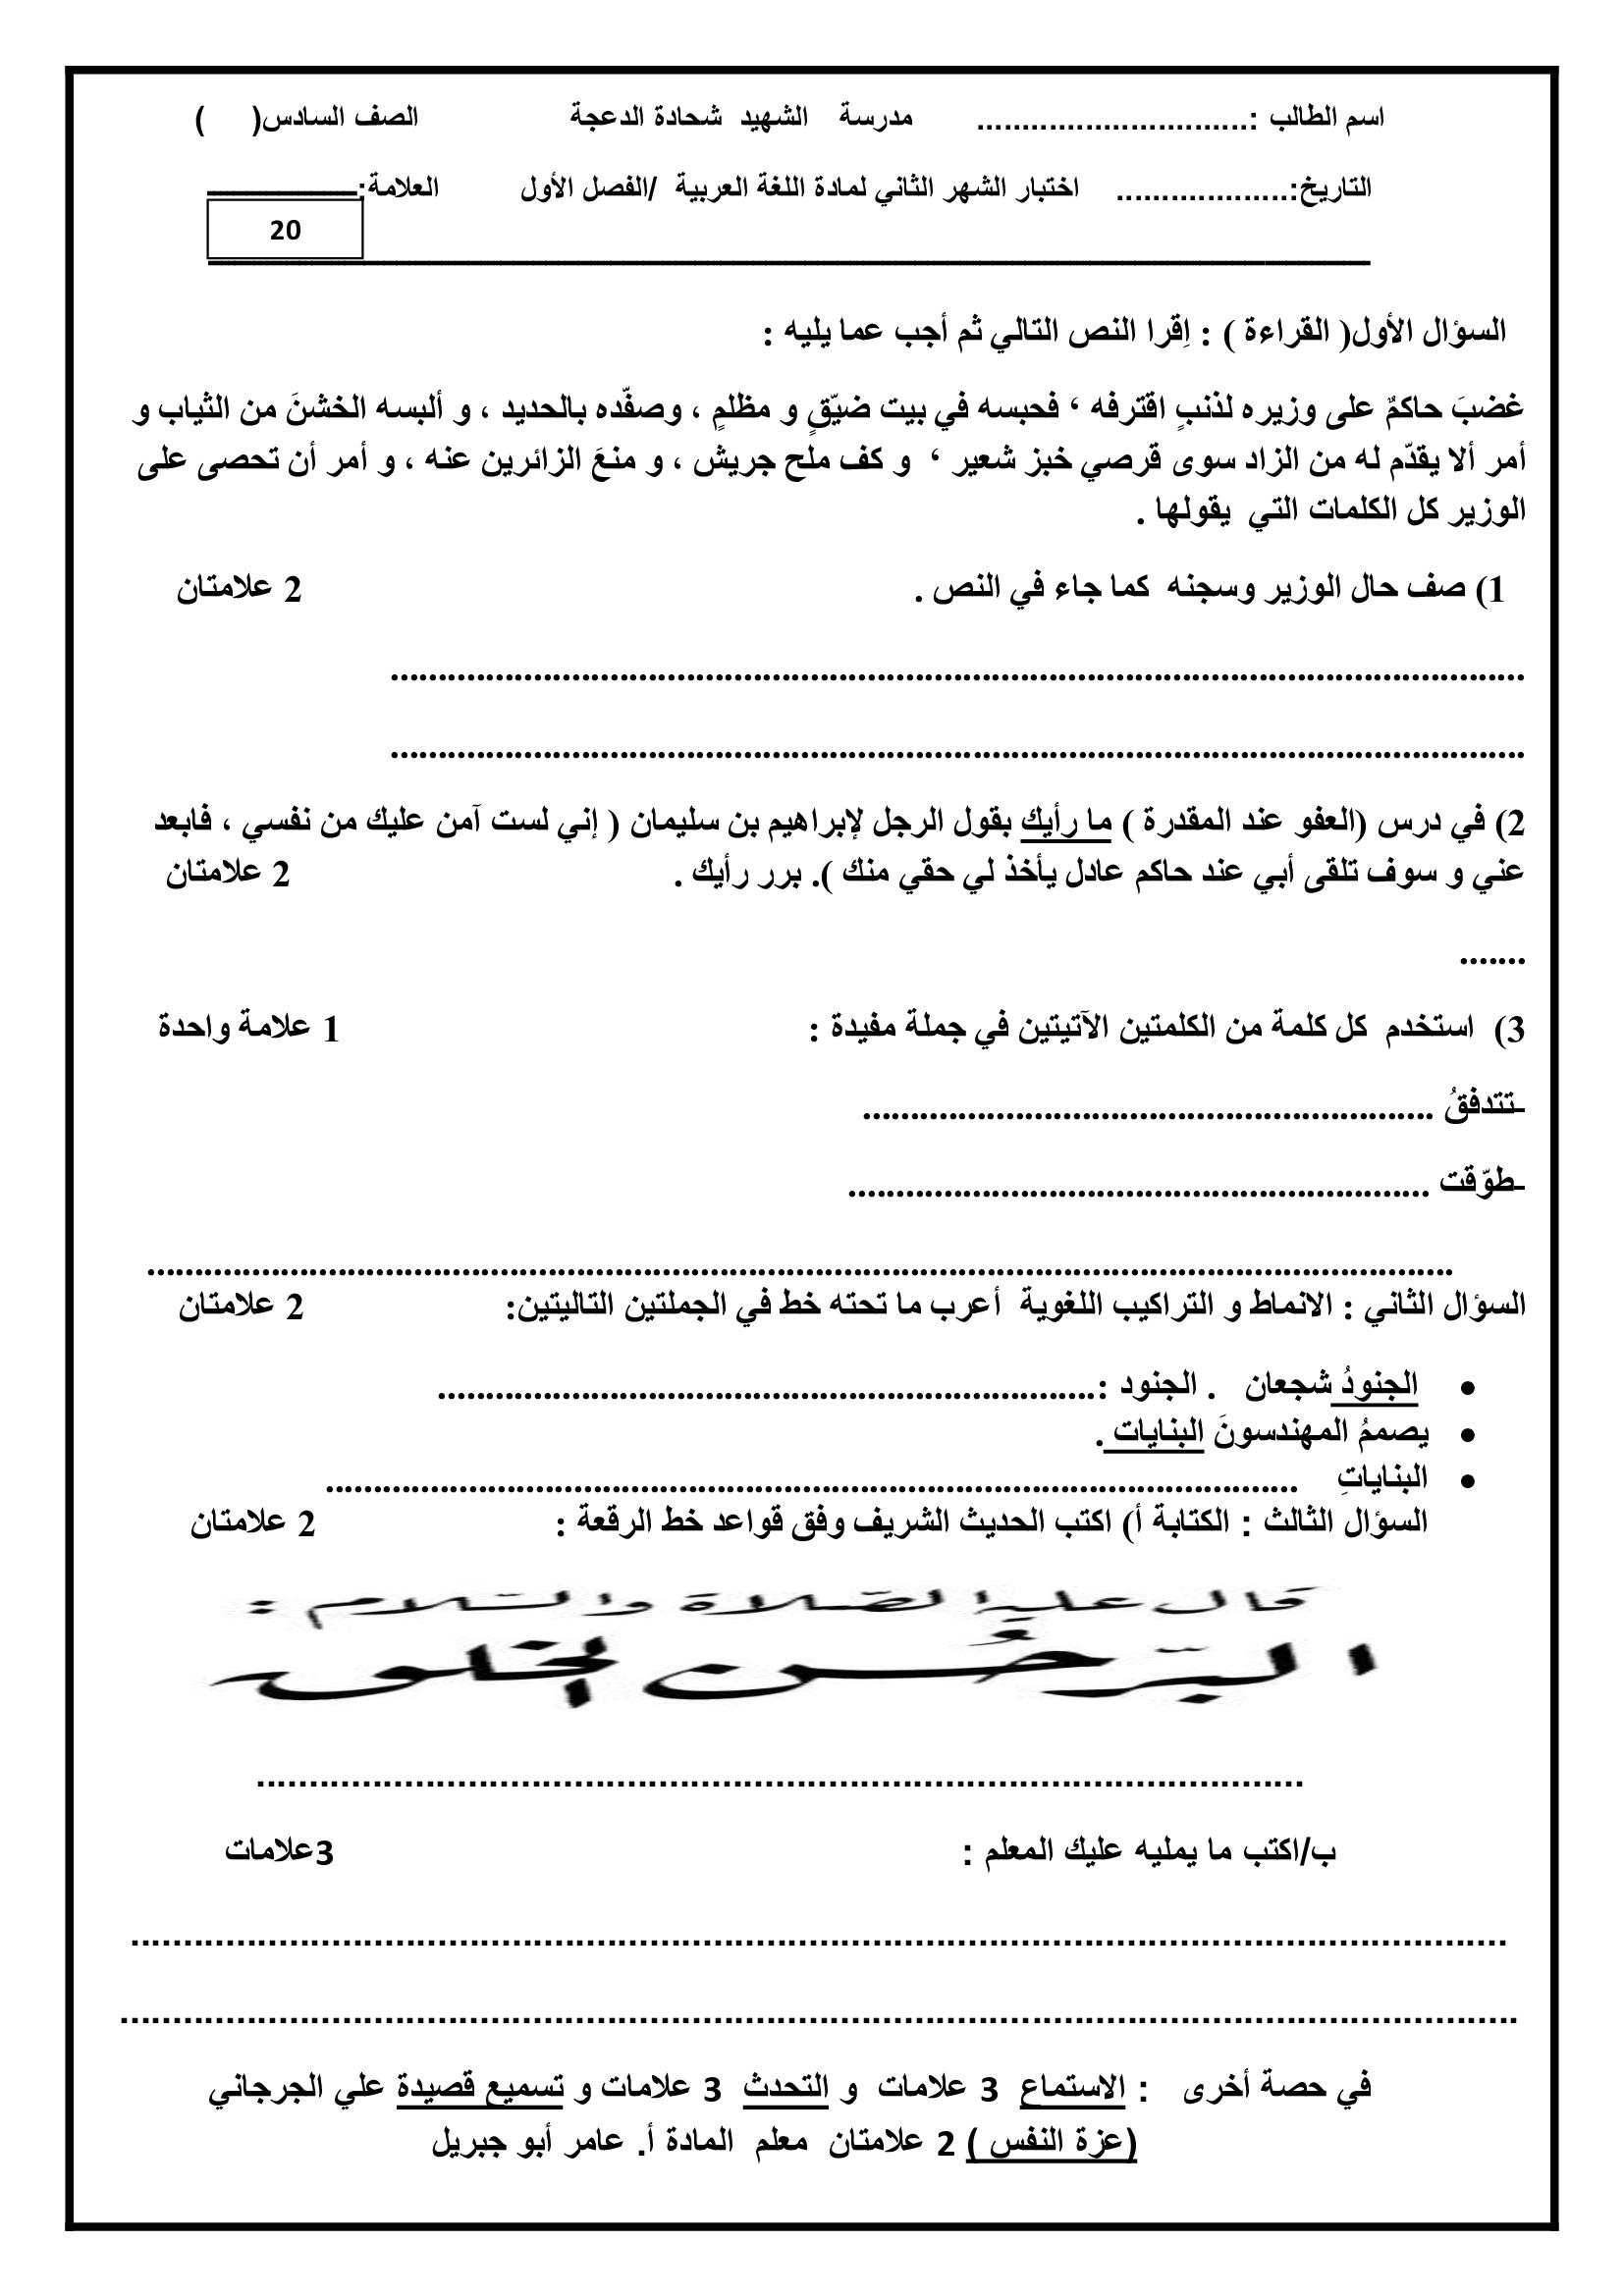 صور و ملف وورد امتحان اللغة العربية الشهر الثاني للصف السادس الفصل الاول 2019